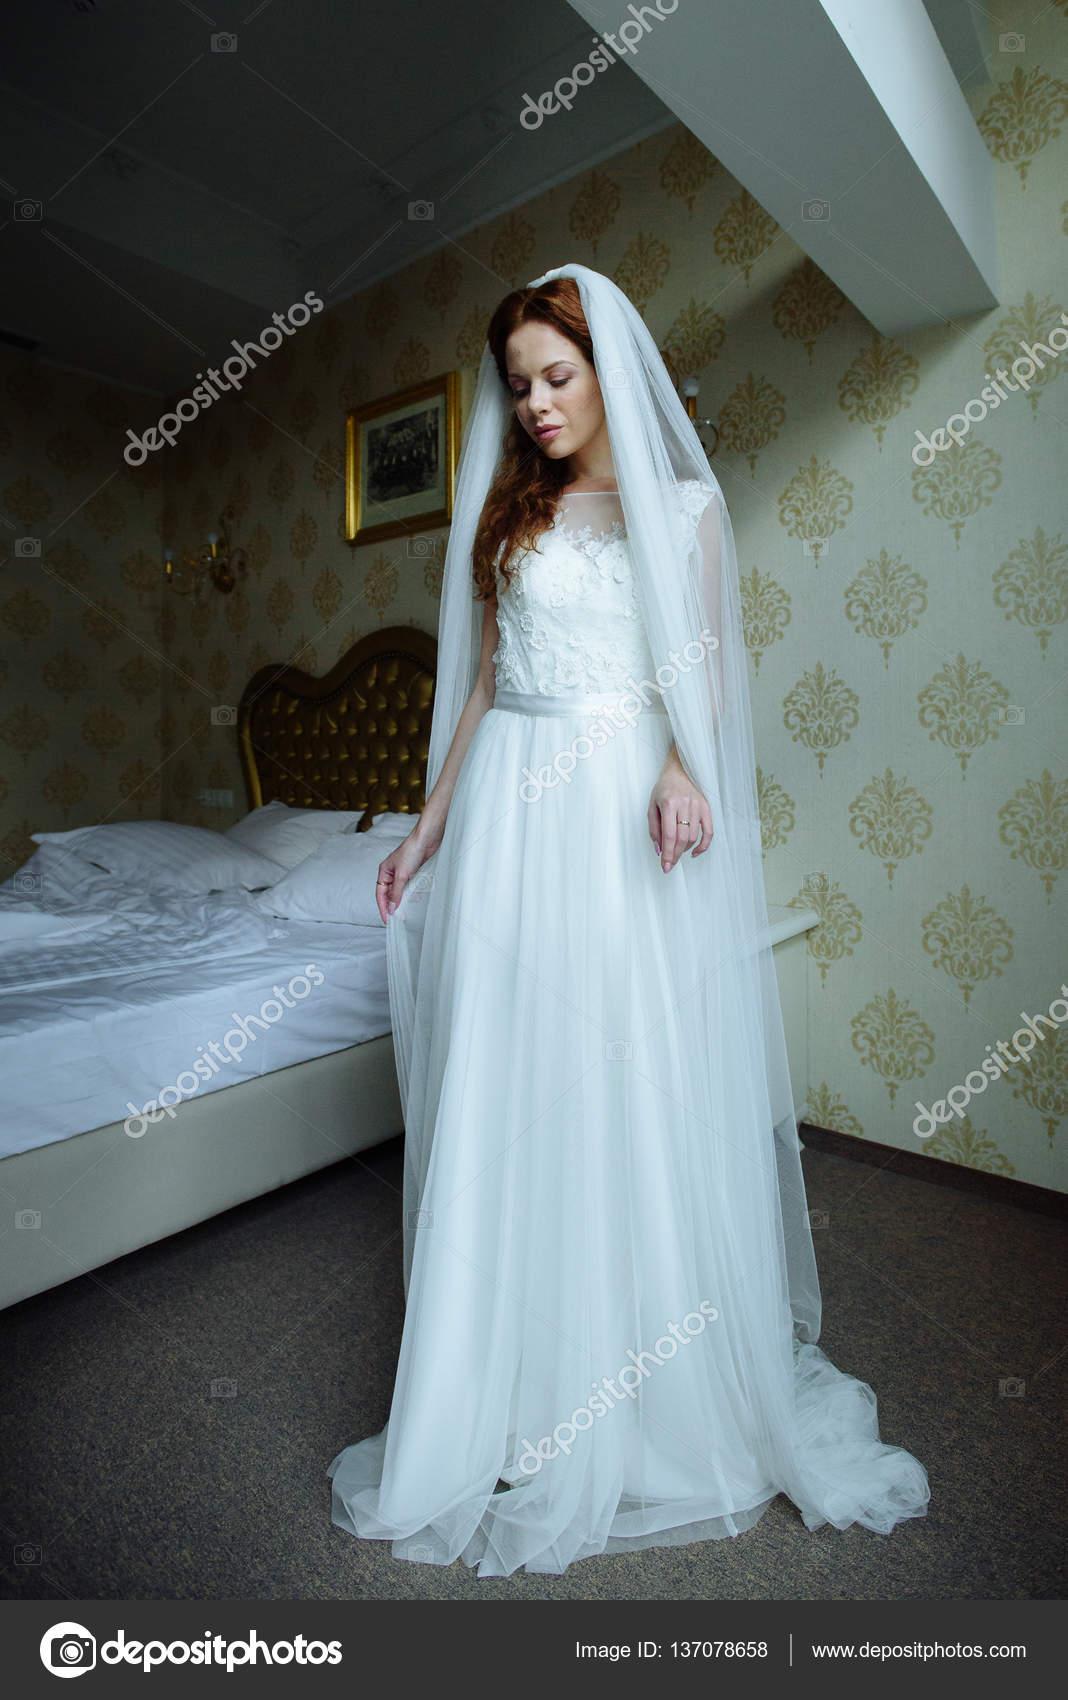 Redhair sexy hermosa dama elegante blanco vestido de novia. Retrato ...